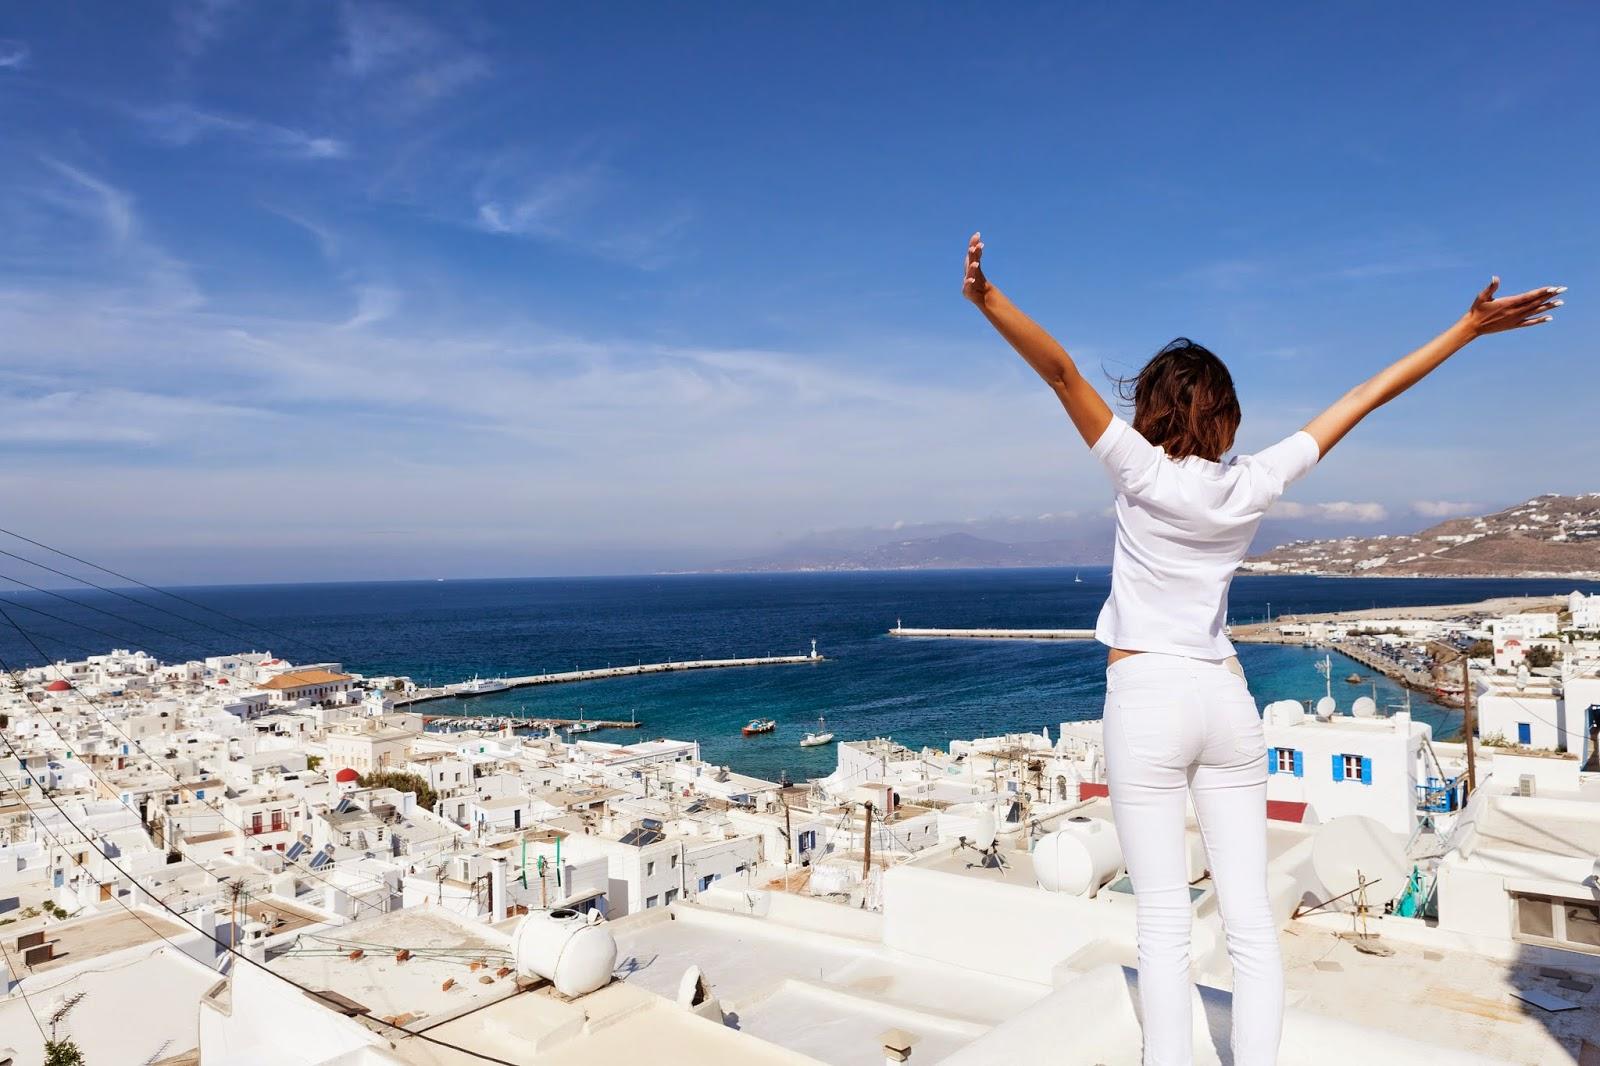 Στα 21,6 δισ. ευρώ η συμβολή του τουρισμού στην Ελλάδα το 2018